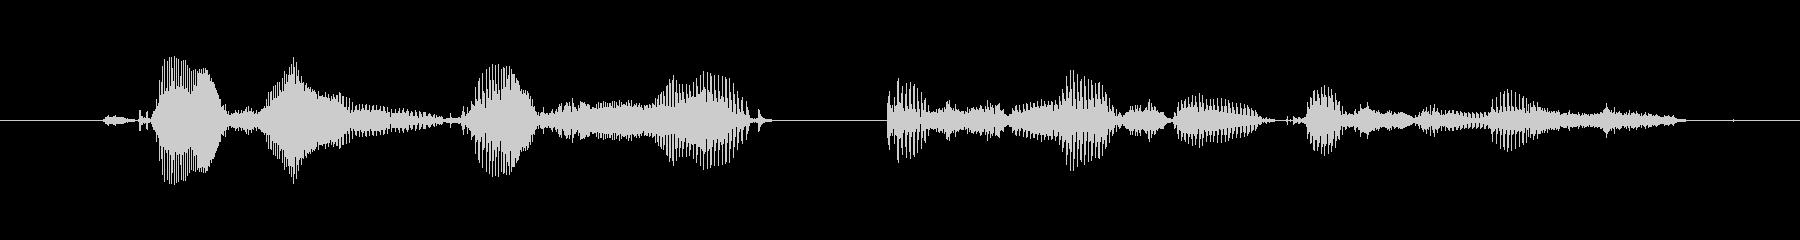 【時報・時間】午前5時を、お知らせいた…の未再生の波形